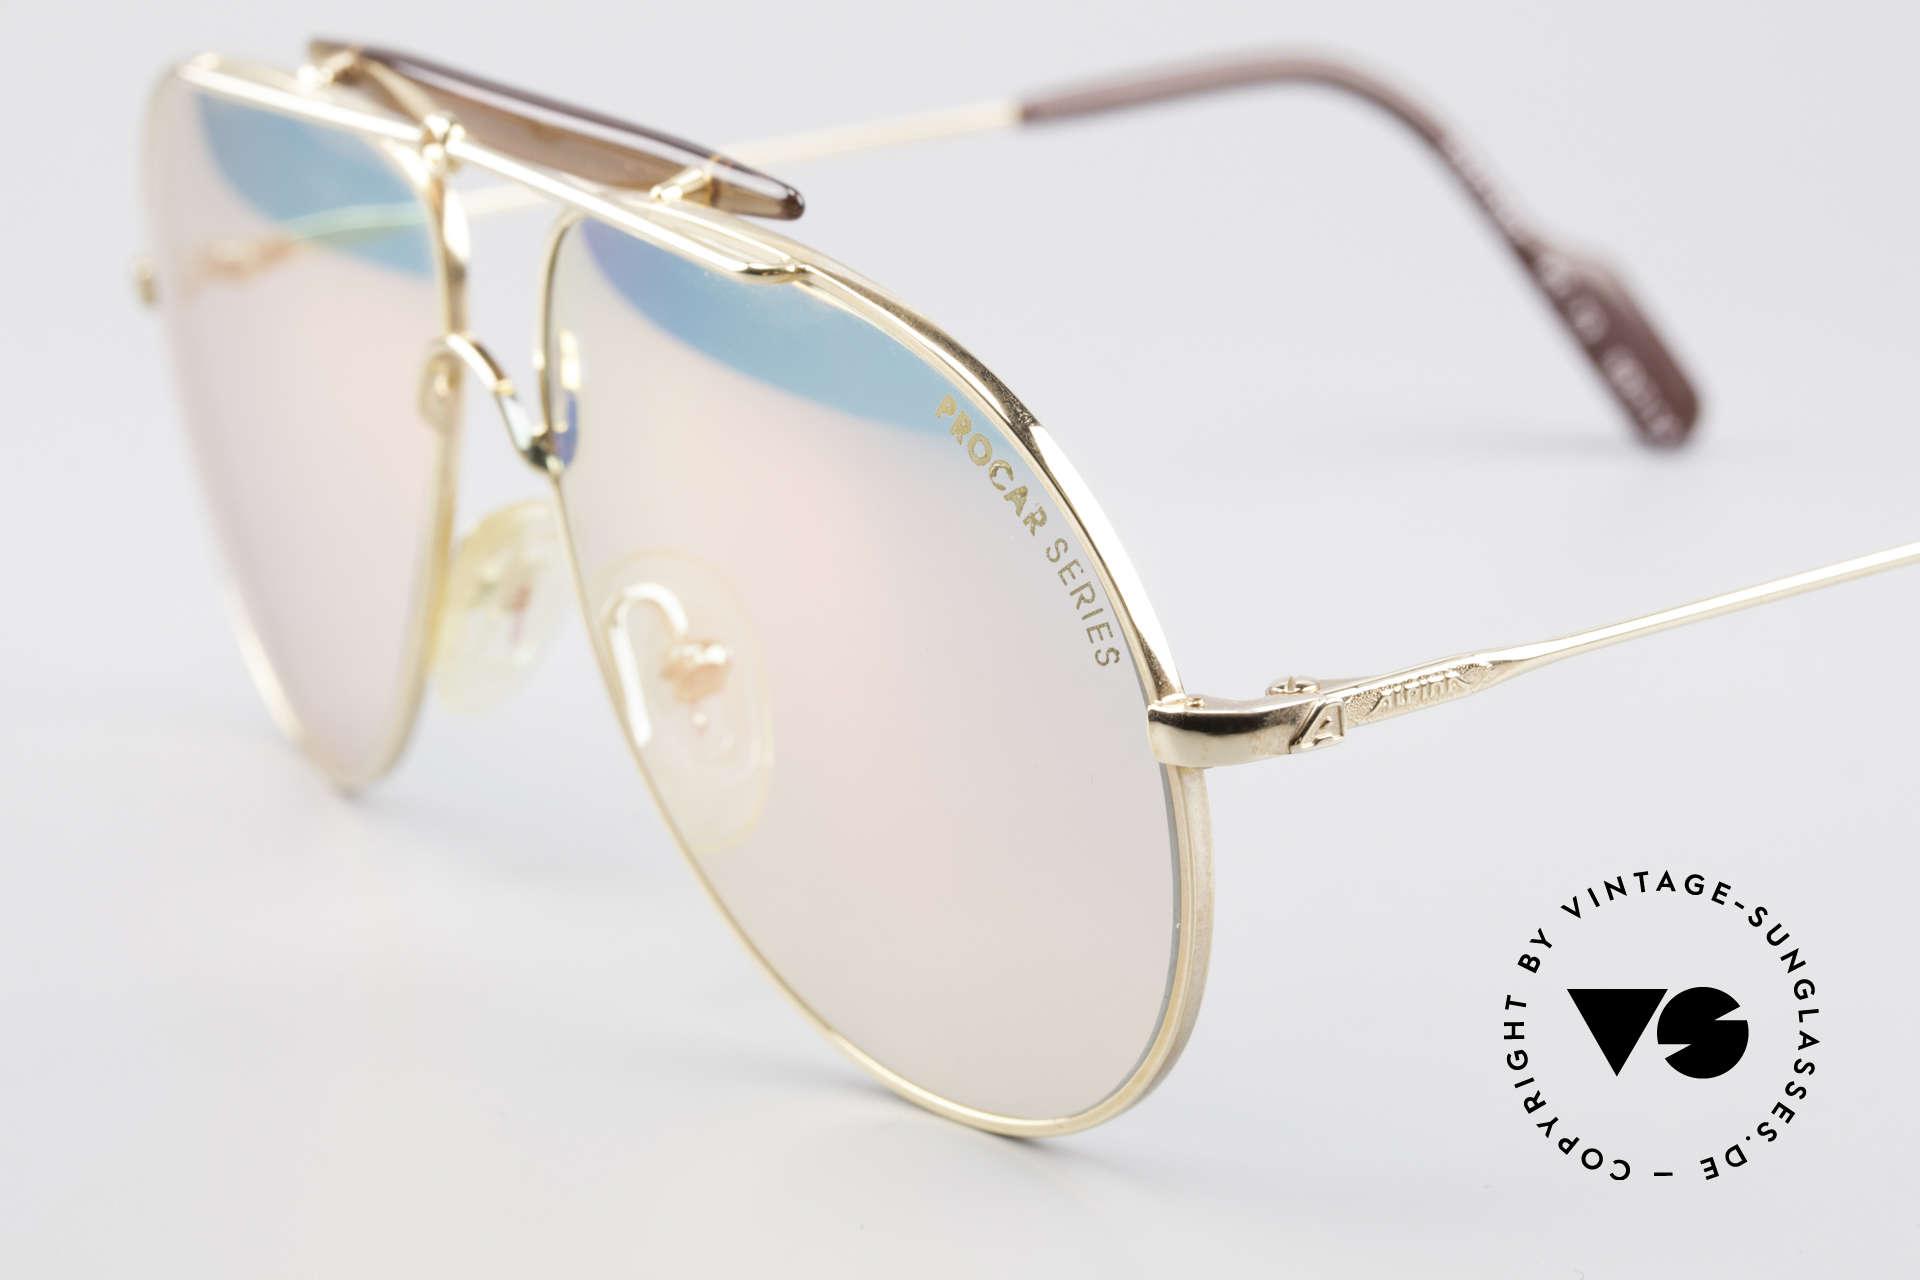 Alpina PC73 ProCar Serie Sonnenbrille Men, ungetragen (wie all unsere Alpina ProCar Sonnenbrillen), Passend für Herren und Damen